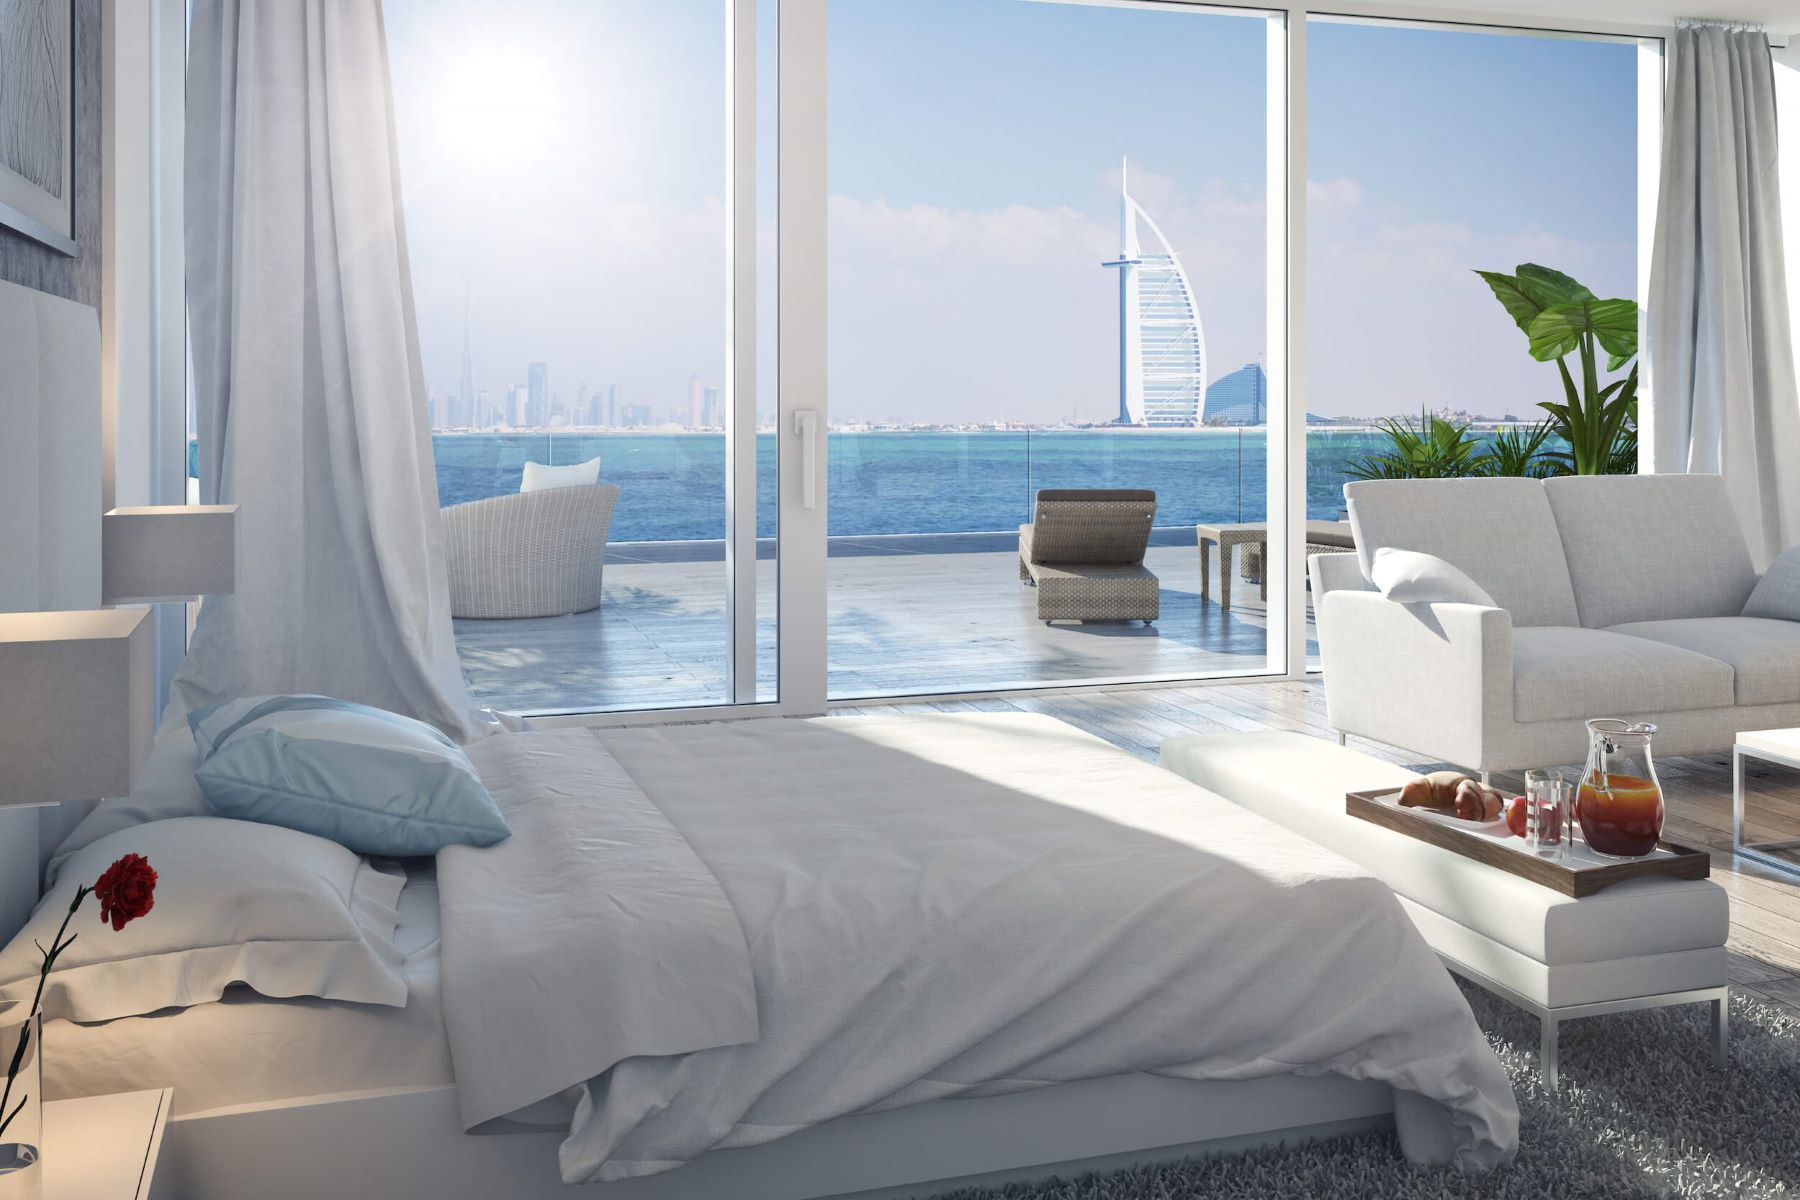 Квартира для того Продажа на Serenia Residence Dubai, Объединенные Арабские Эмираты